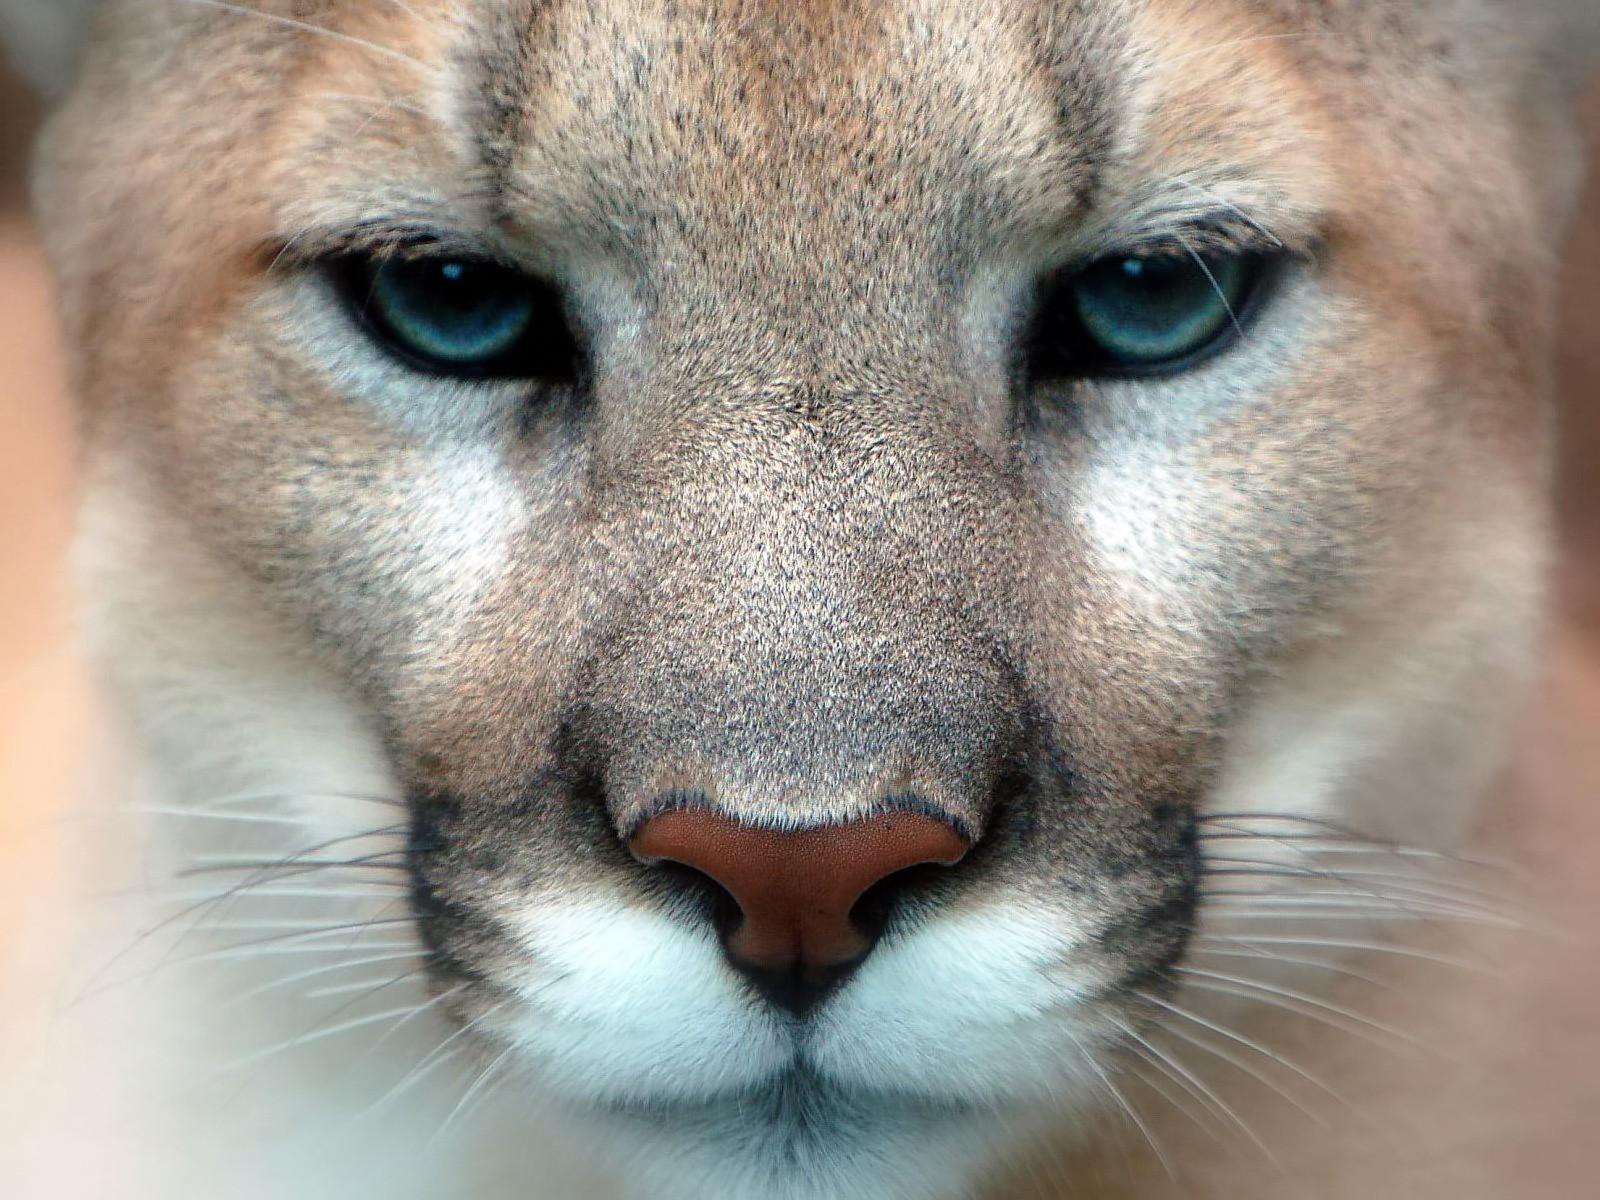 http://3.bp.blogspot.com/-JDnWG0Pg-ZQ/TcvqeOTcv2I/AAAAAAAABg4/lPYe82dJ4r4/s1600/Puma_1.jpg